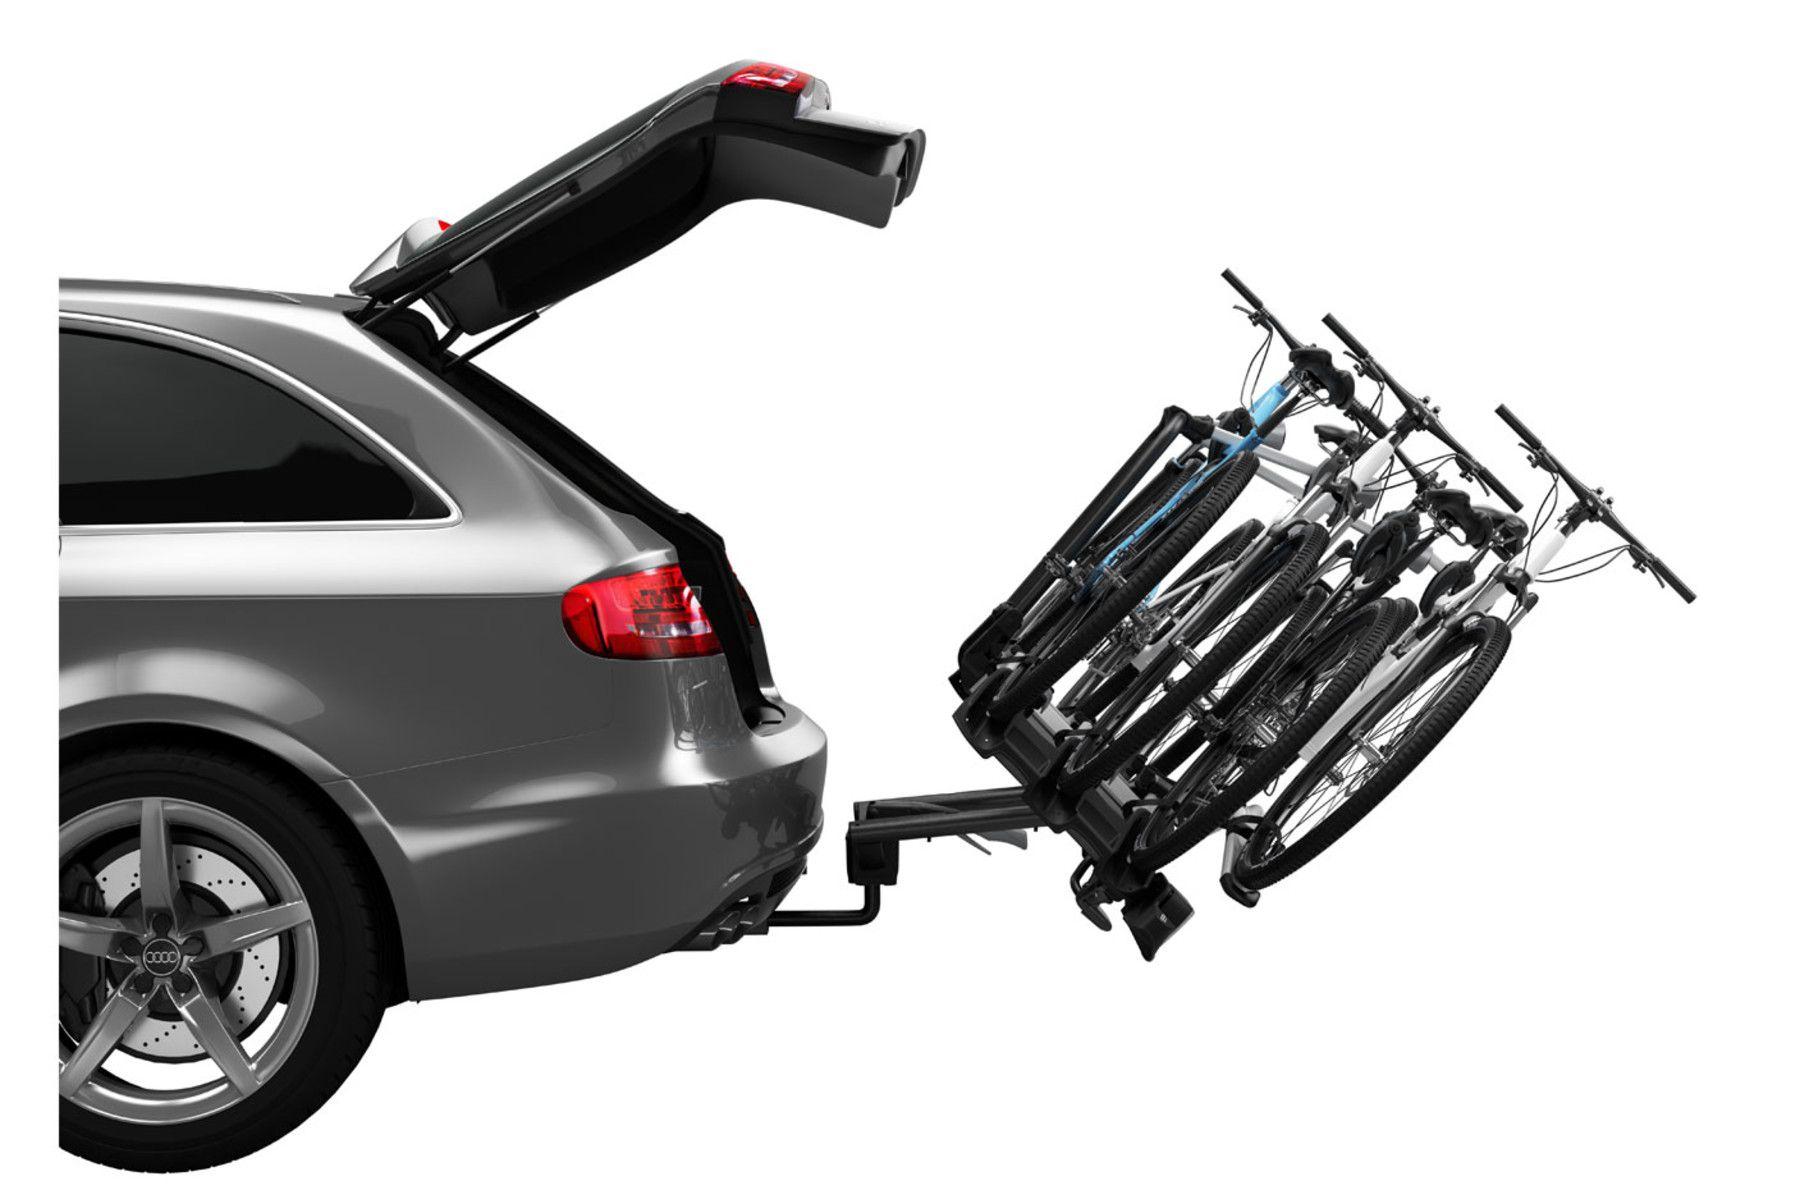 Adaptador Thule para Suporte de Engate para 4a Bicicleta